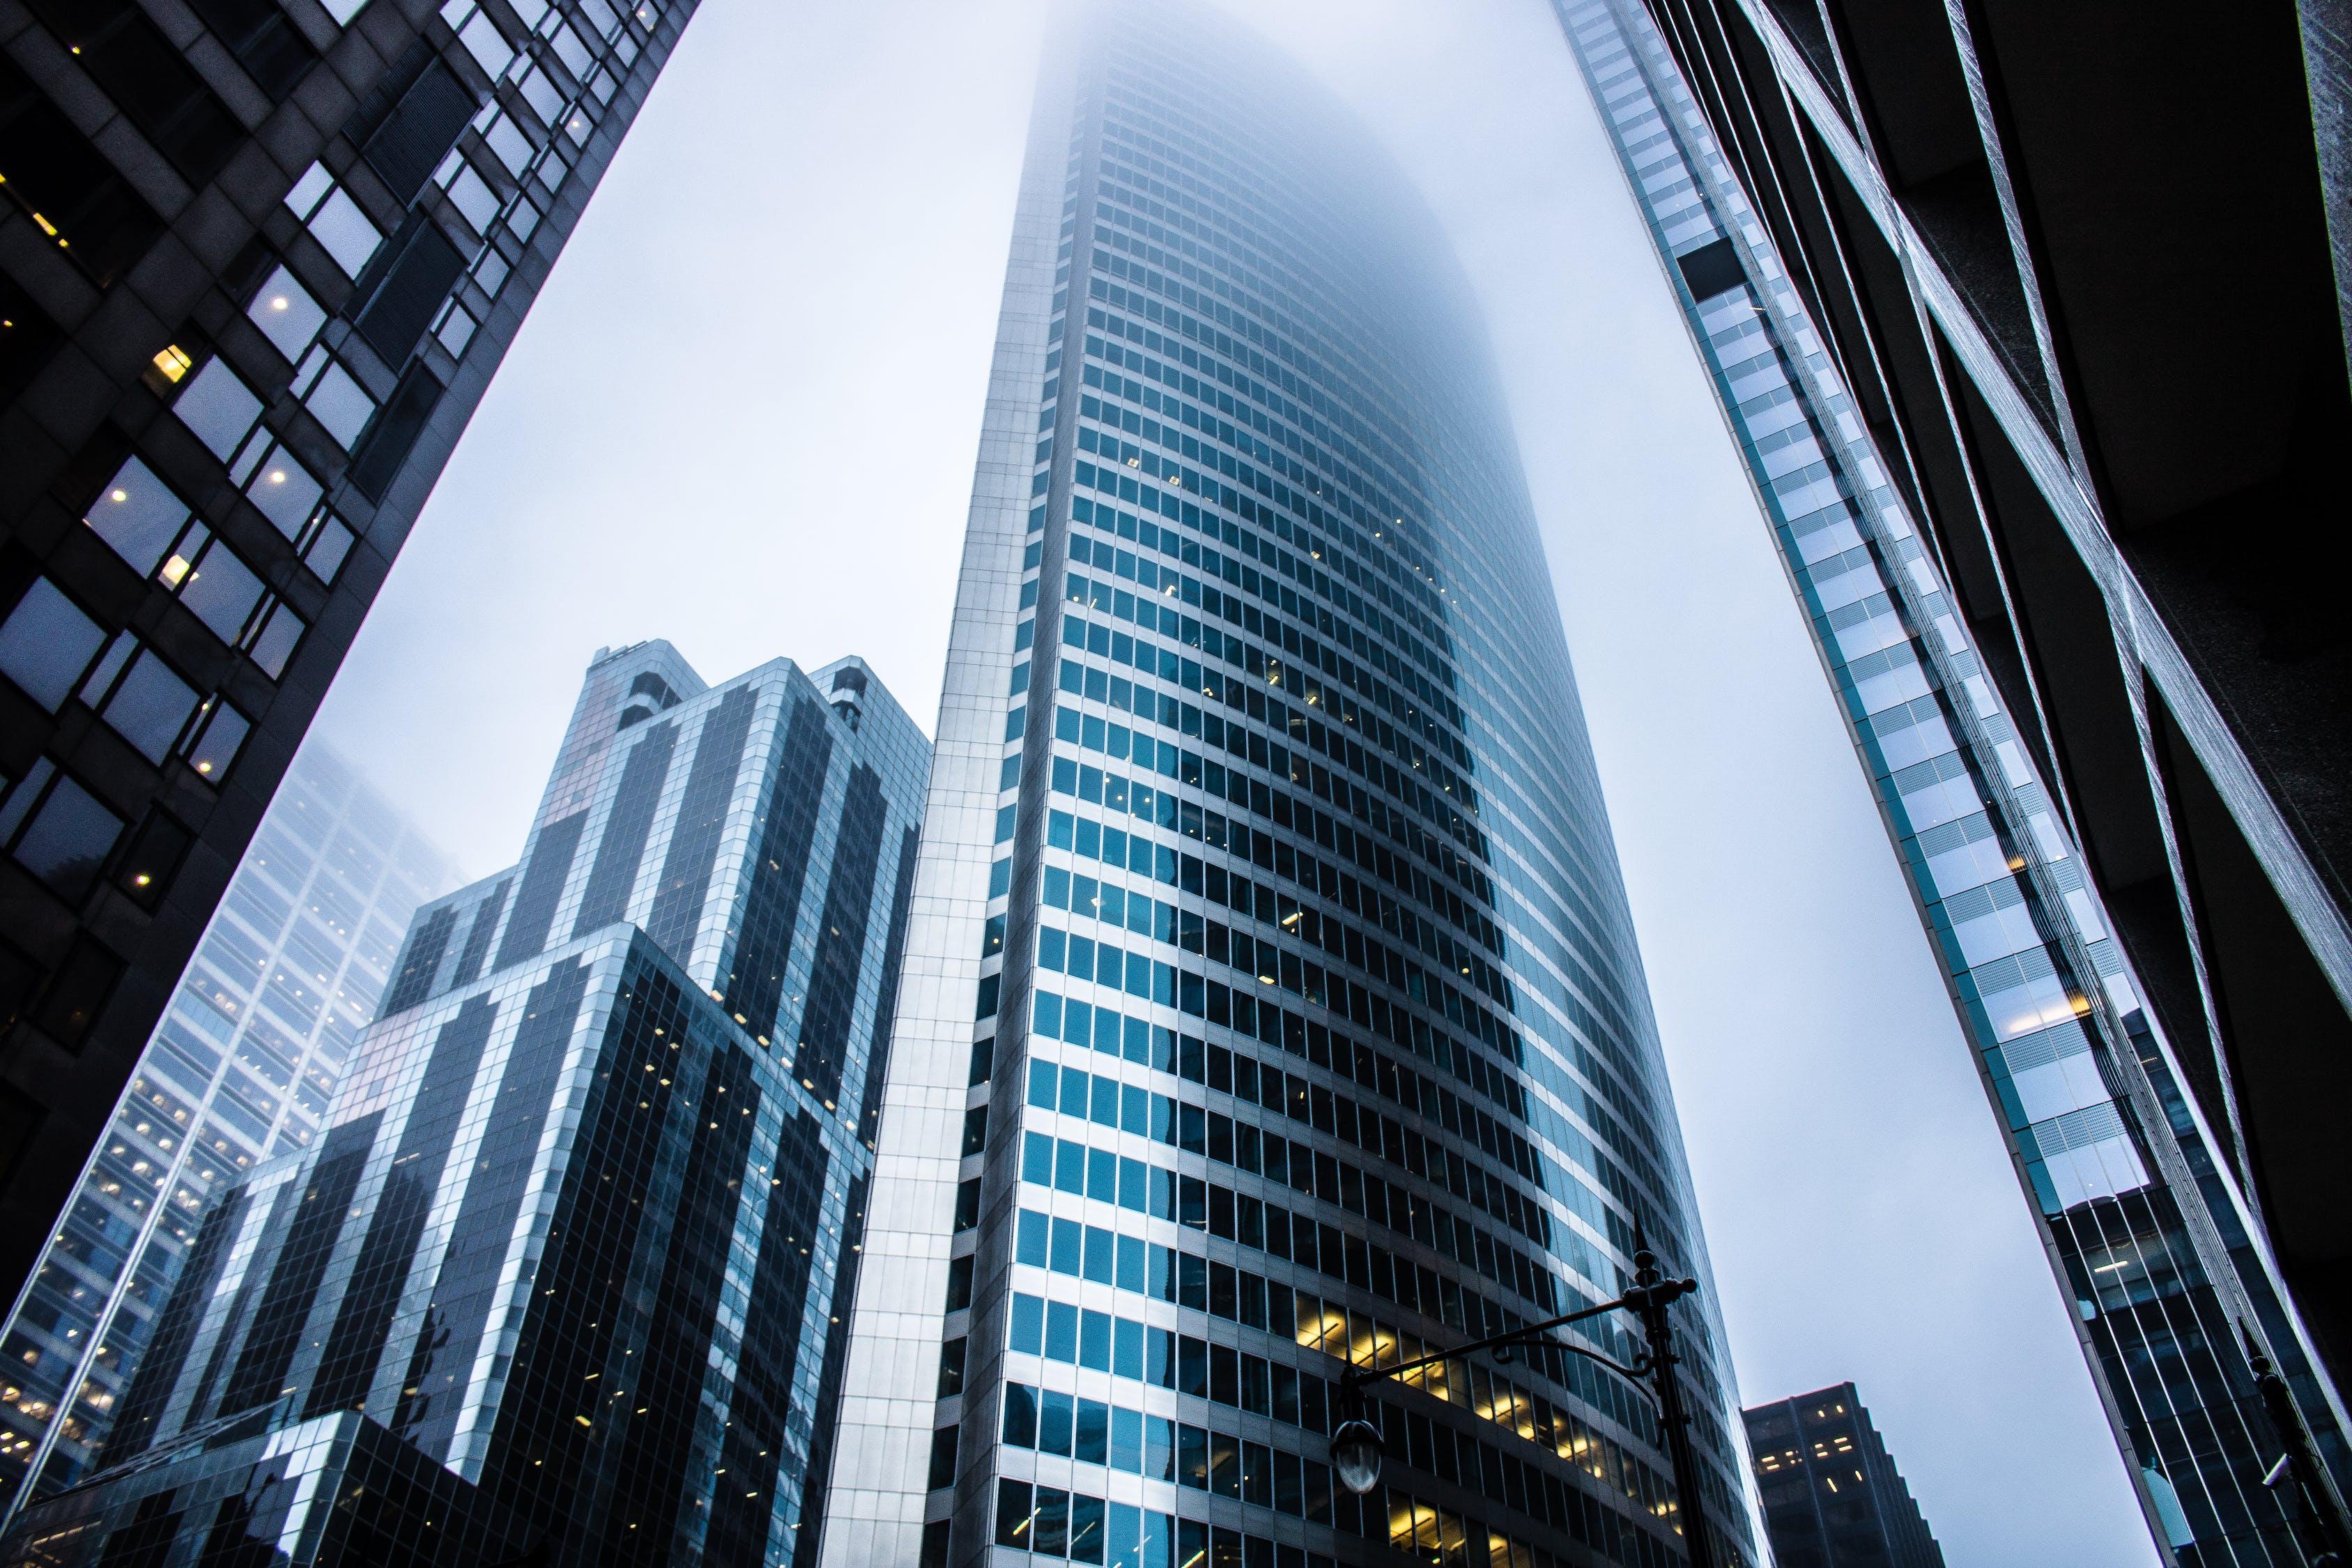 金融管理部门联合约谈部分从事金融业务的网络平台